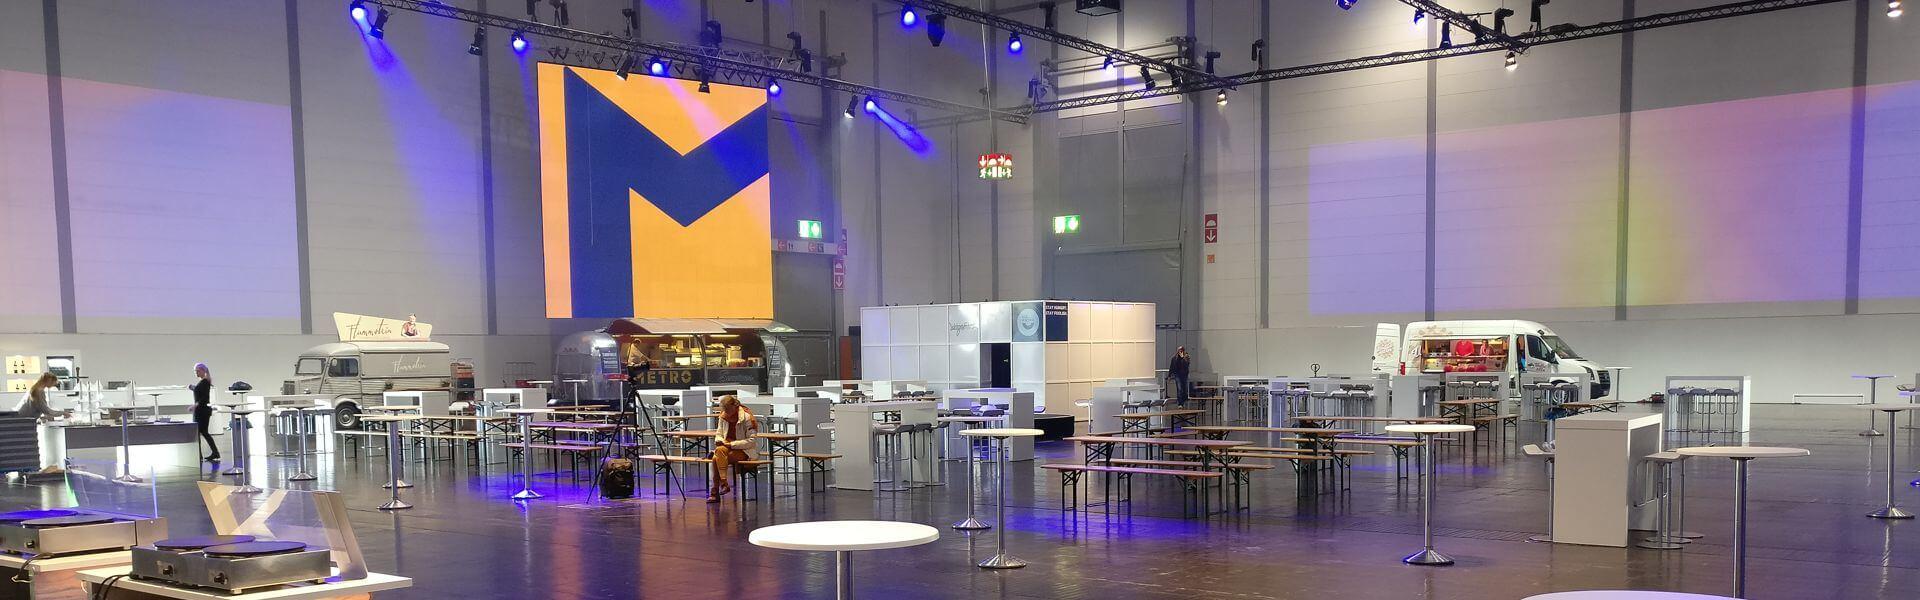 metro-mitarbeiter-event-indoor-catering-duesseldorf-header-1